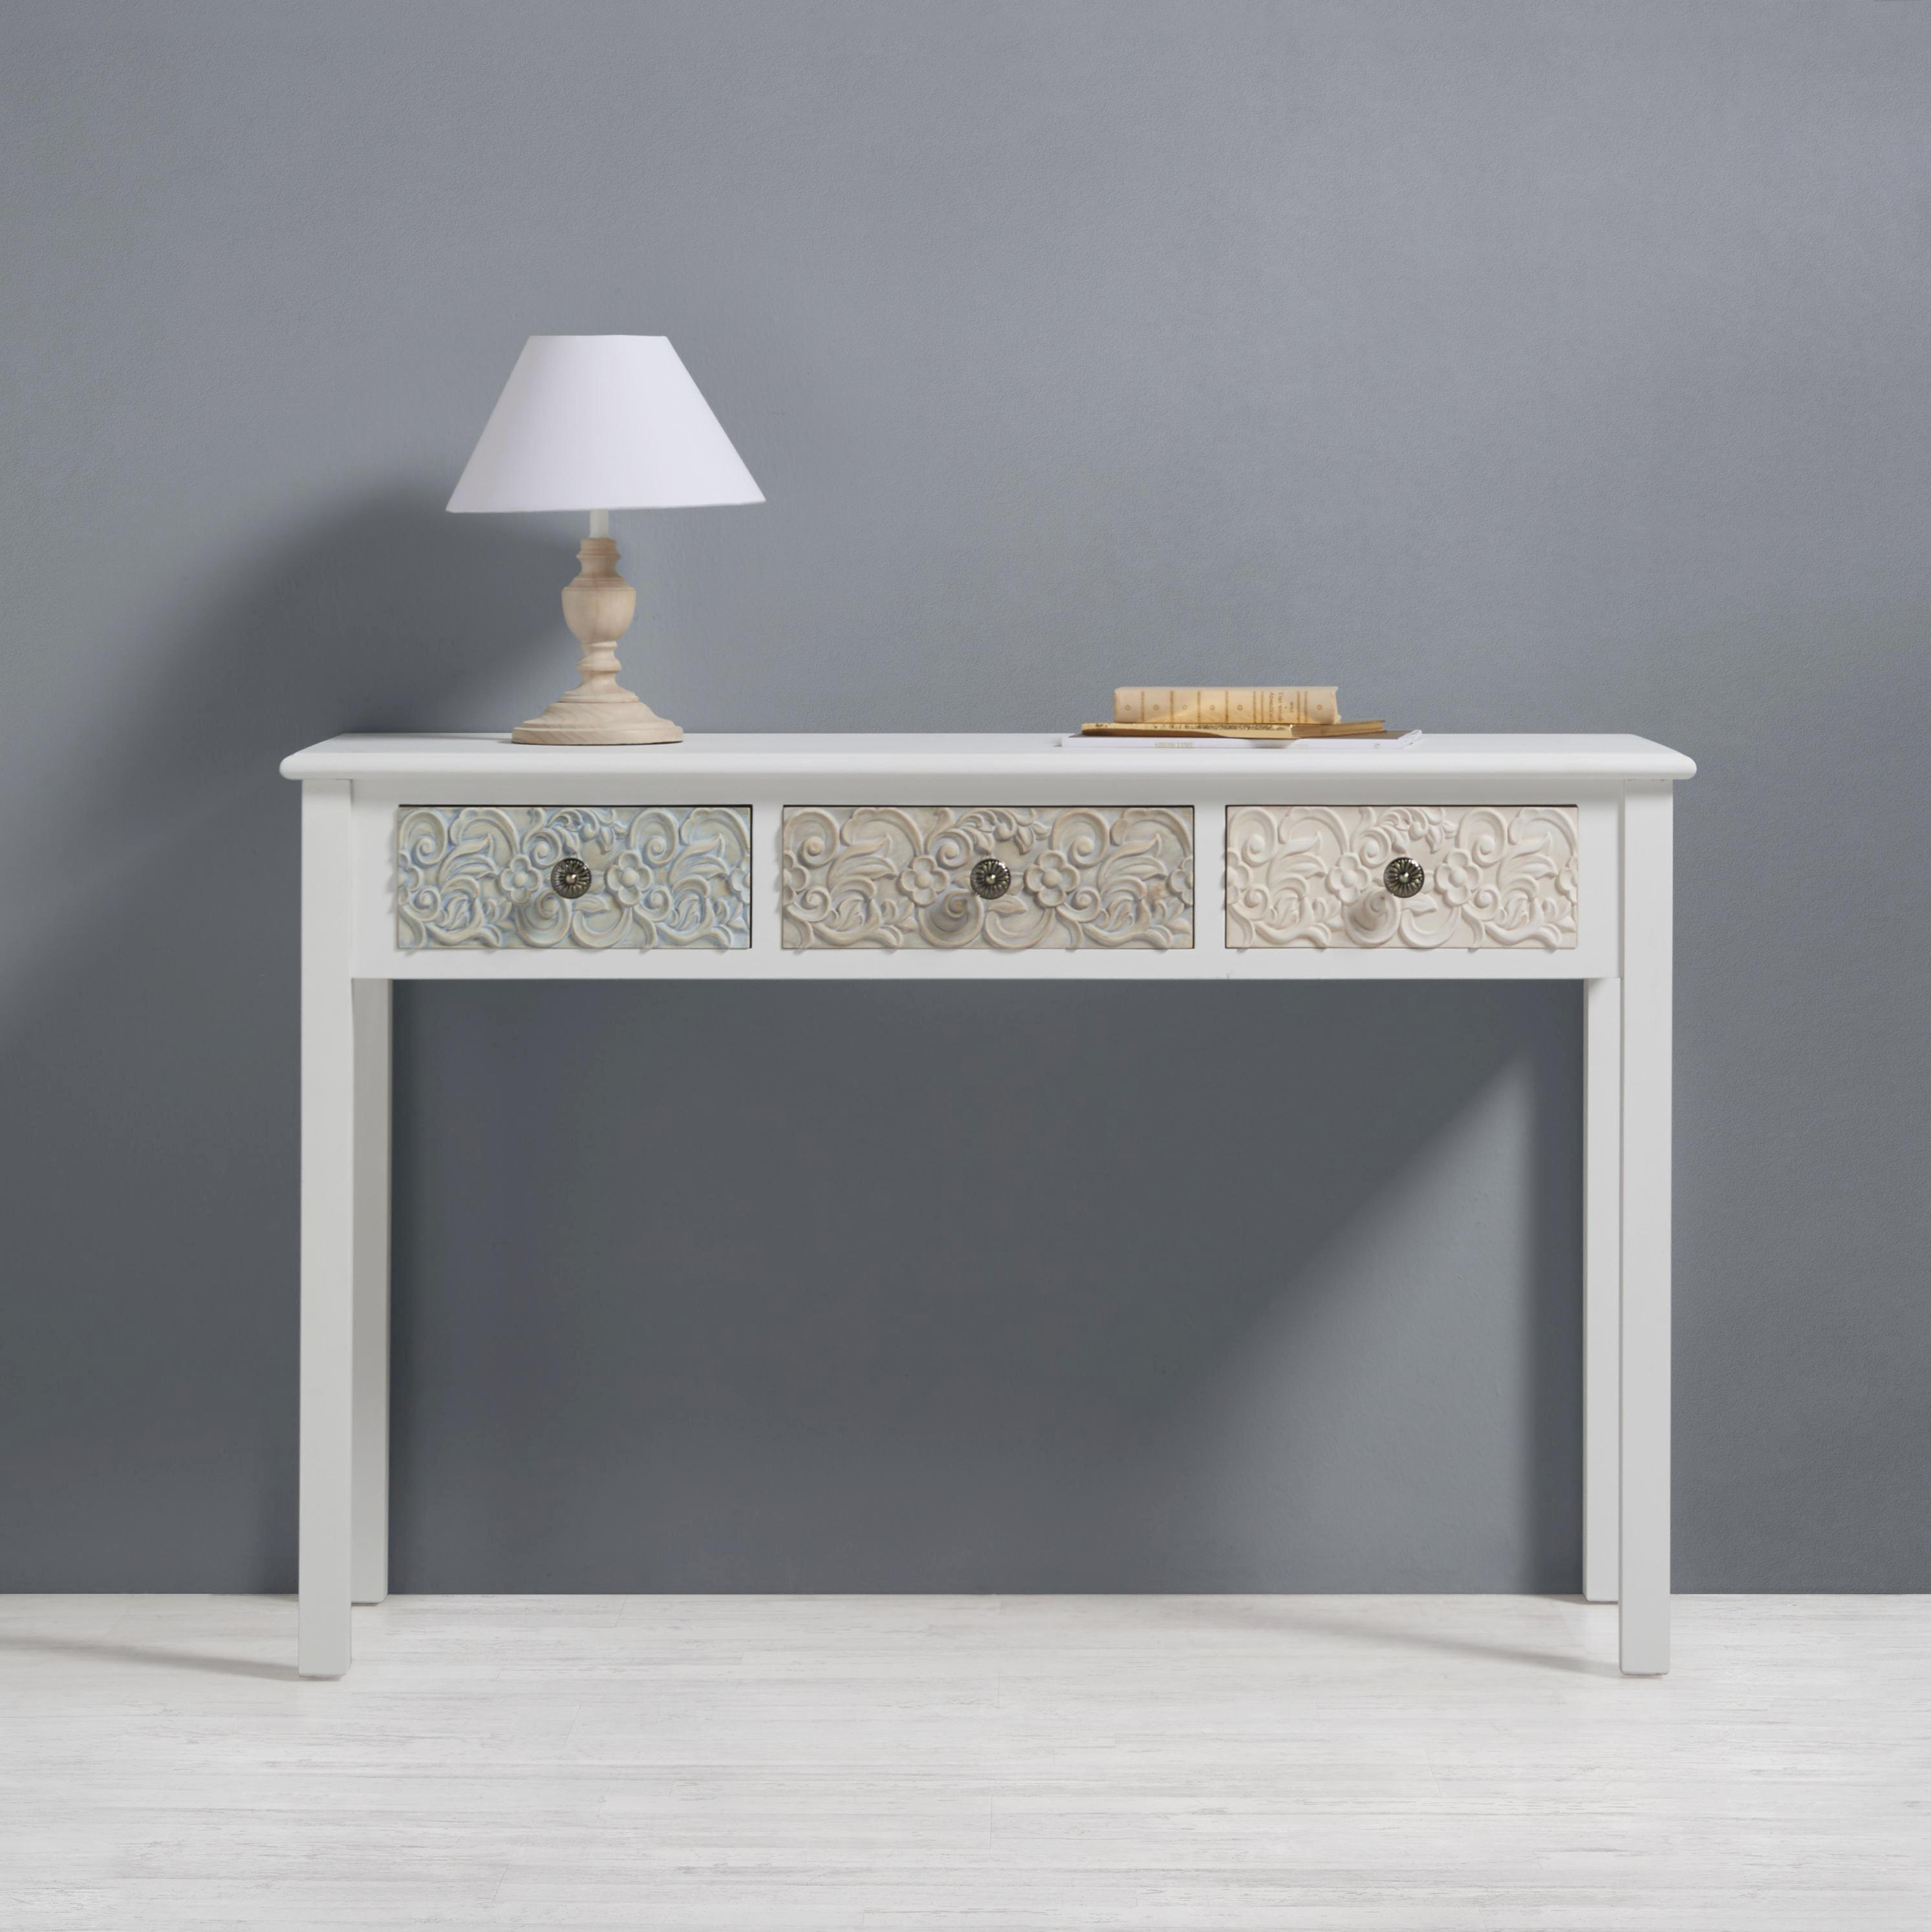 Konsolentisch Avery 120x40cm - Beige/Weiß, MODERN, Holz/Metall (120/78/40cm) - PREMIUM LIVING